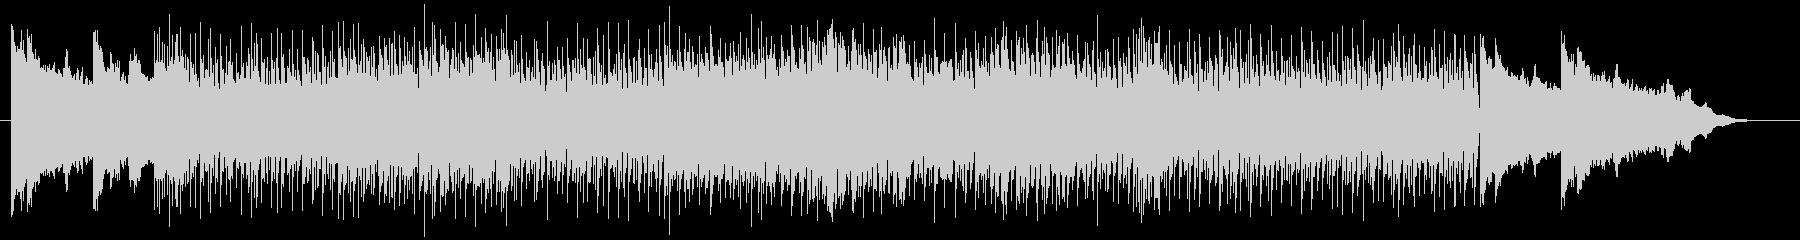 シンプルかつストレートなスラッシュメタルの未再生の波形